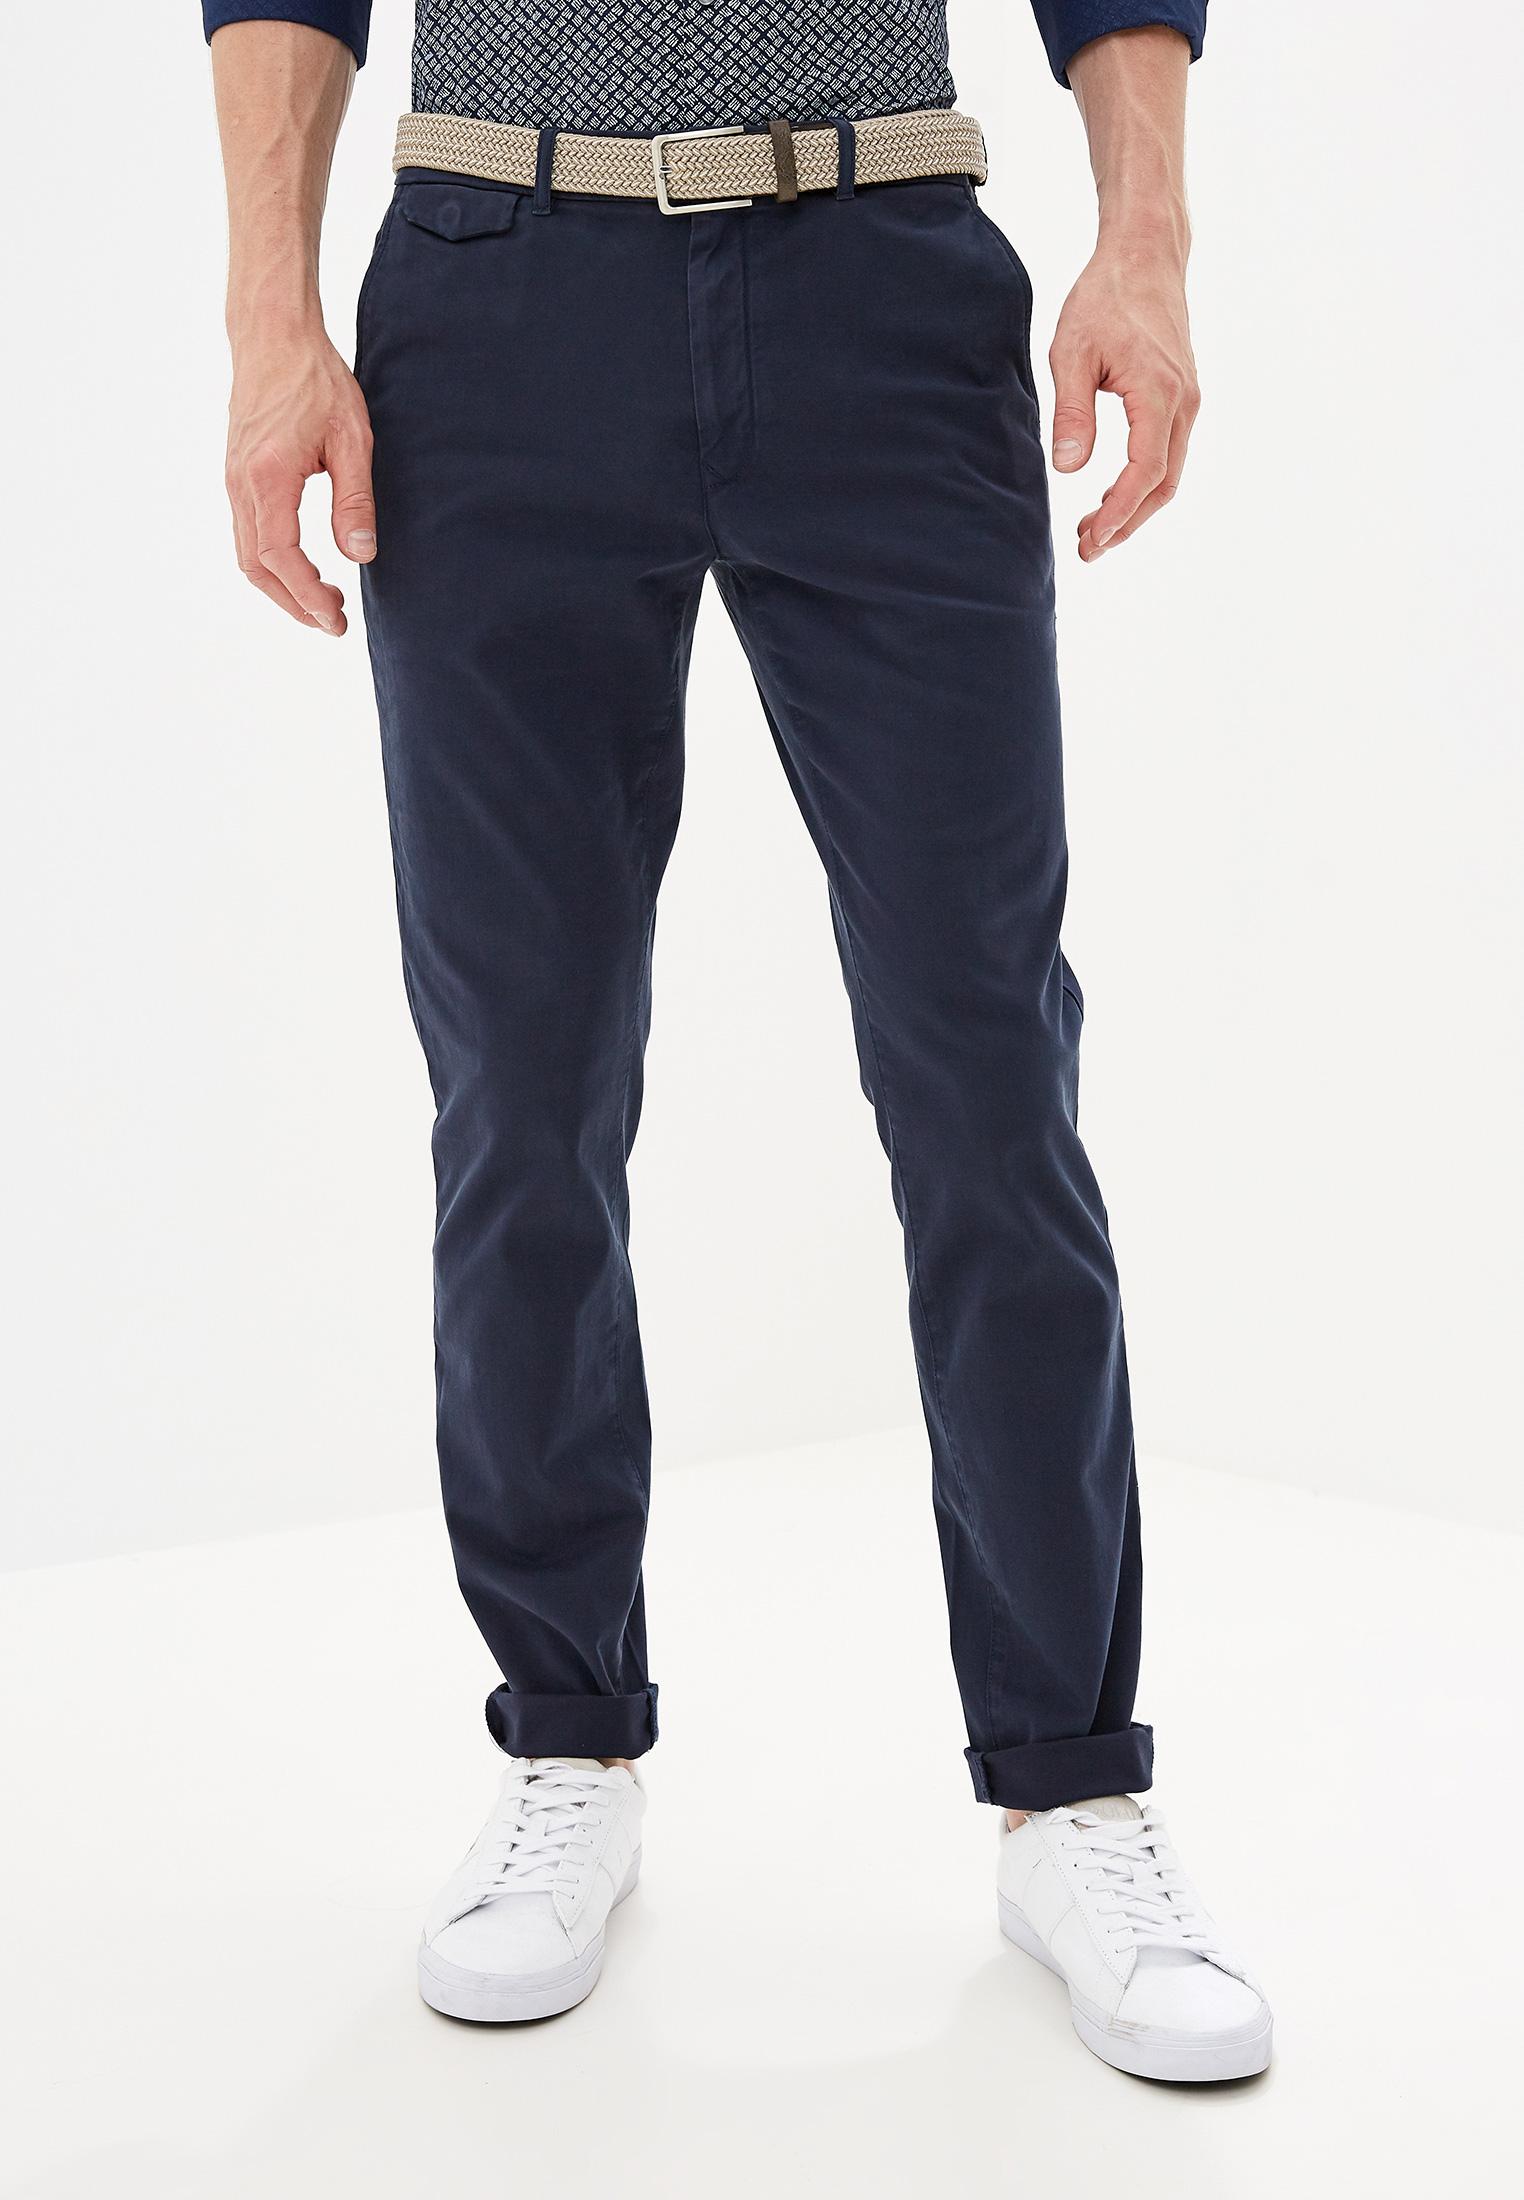 Мужские повседневные брюки Calvin Klein (Кельвин Кляйн) k10k104039: изображение 1